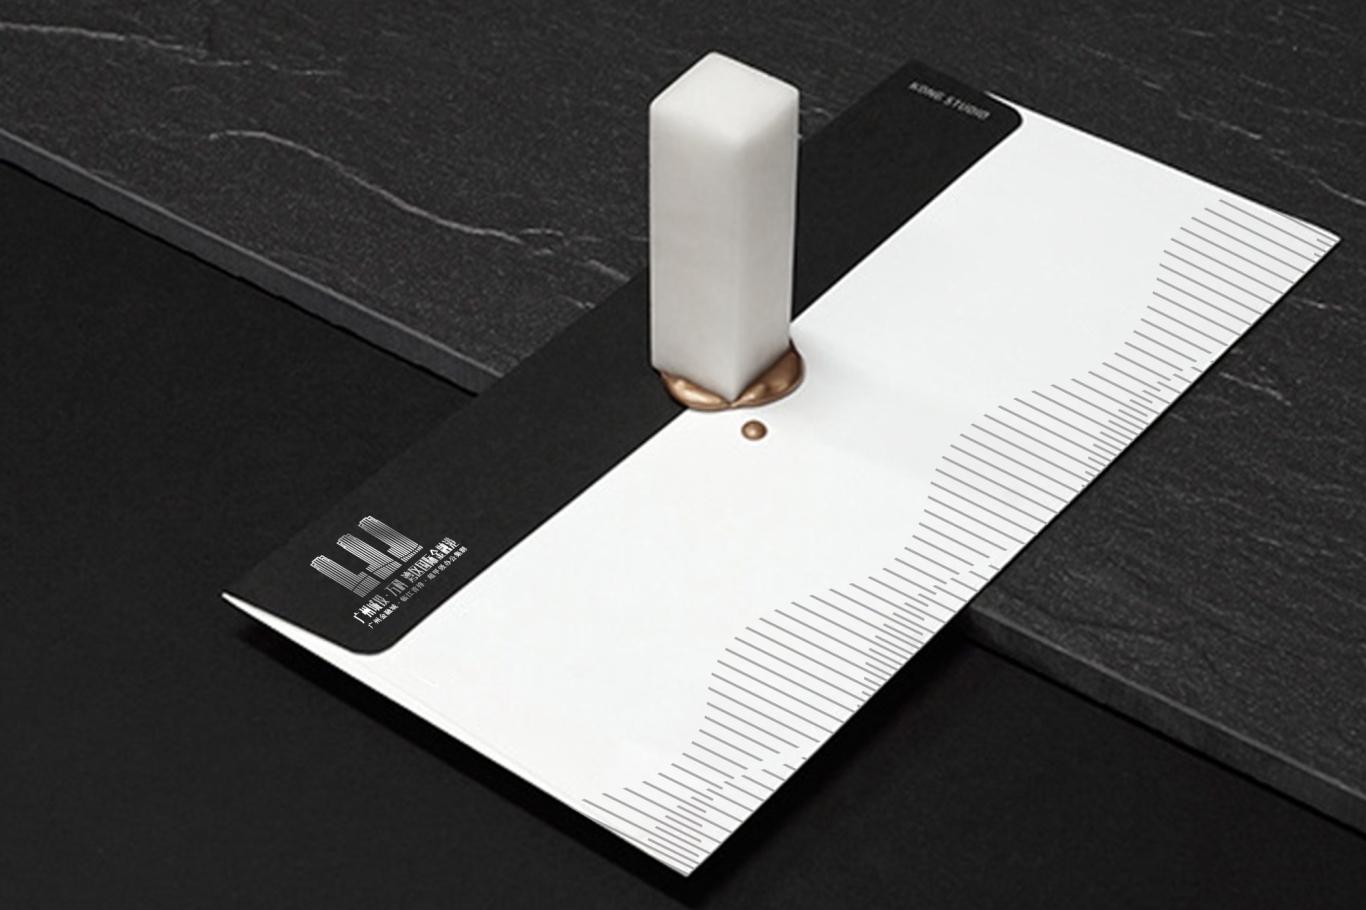 广州城投·万科 湾区国际经融港/品牌包装 VI视觉识别系统设计 地产logo设计图7